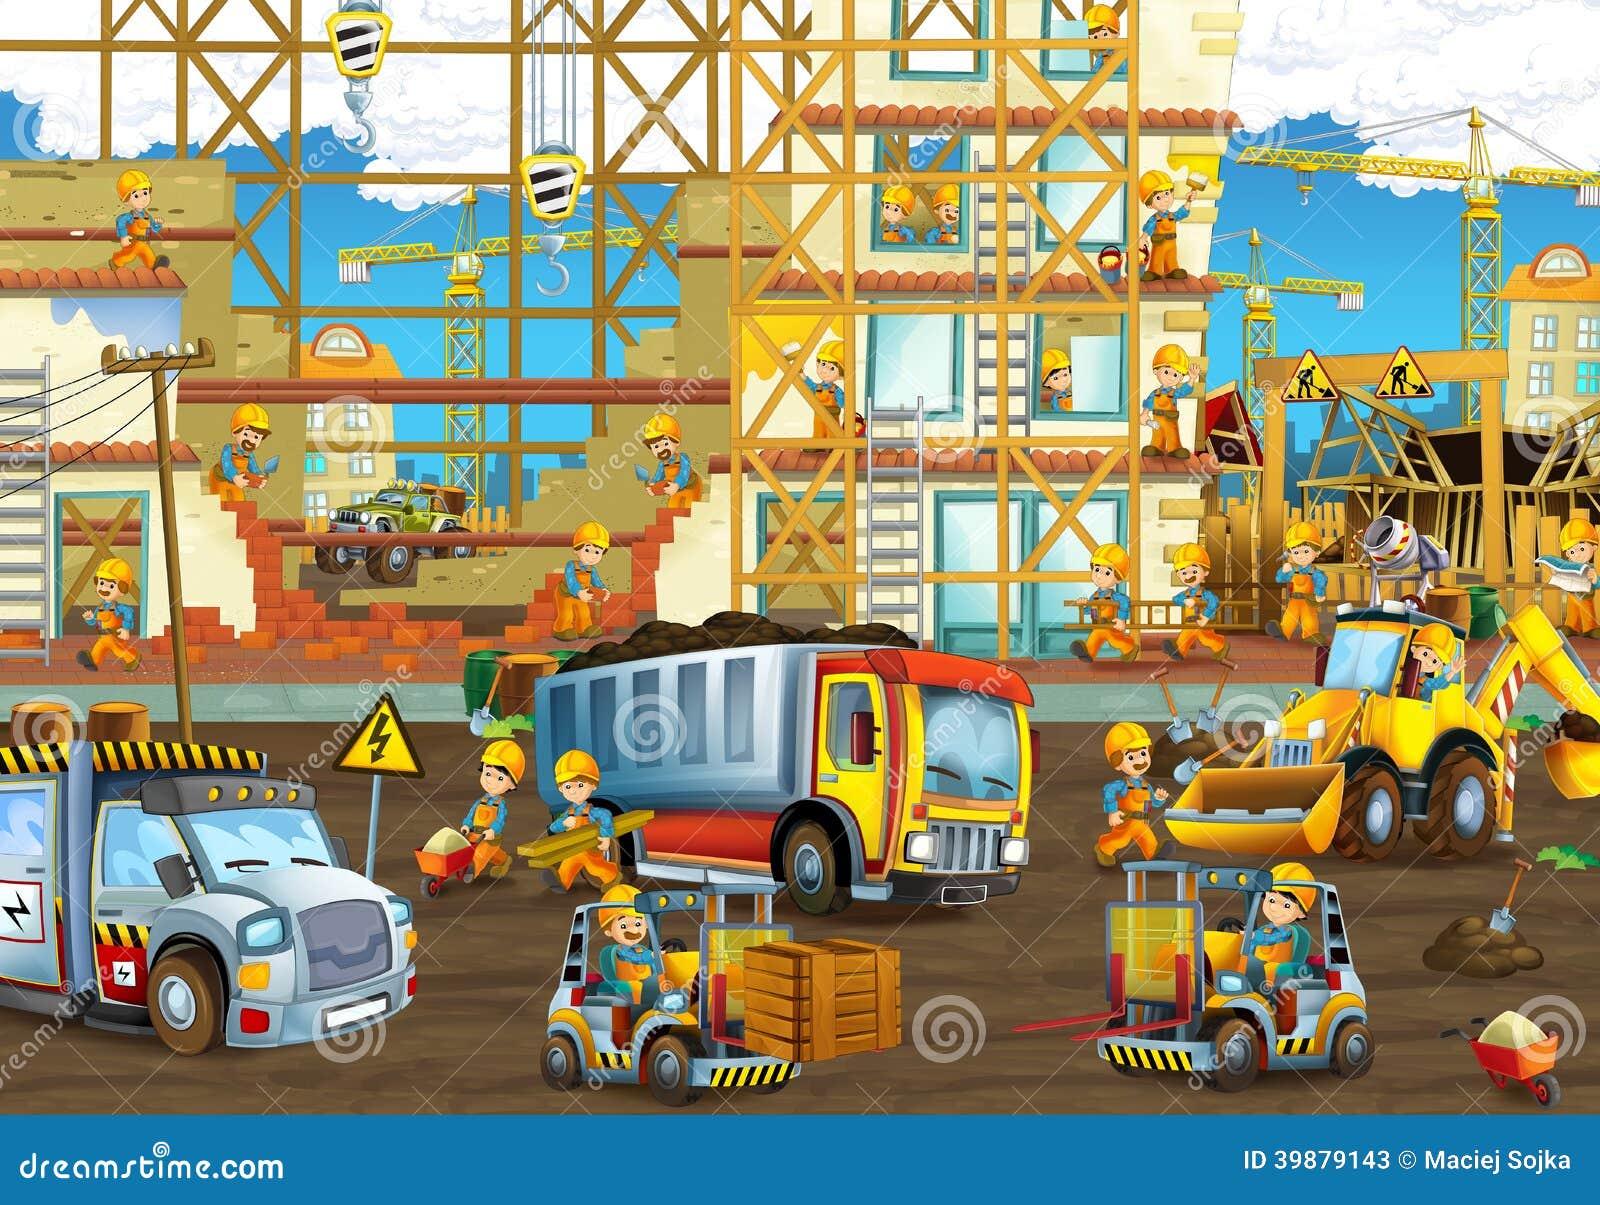 Op de bouwwerf - illustratie voor de kinderen